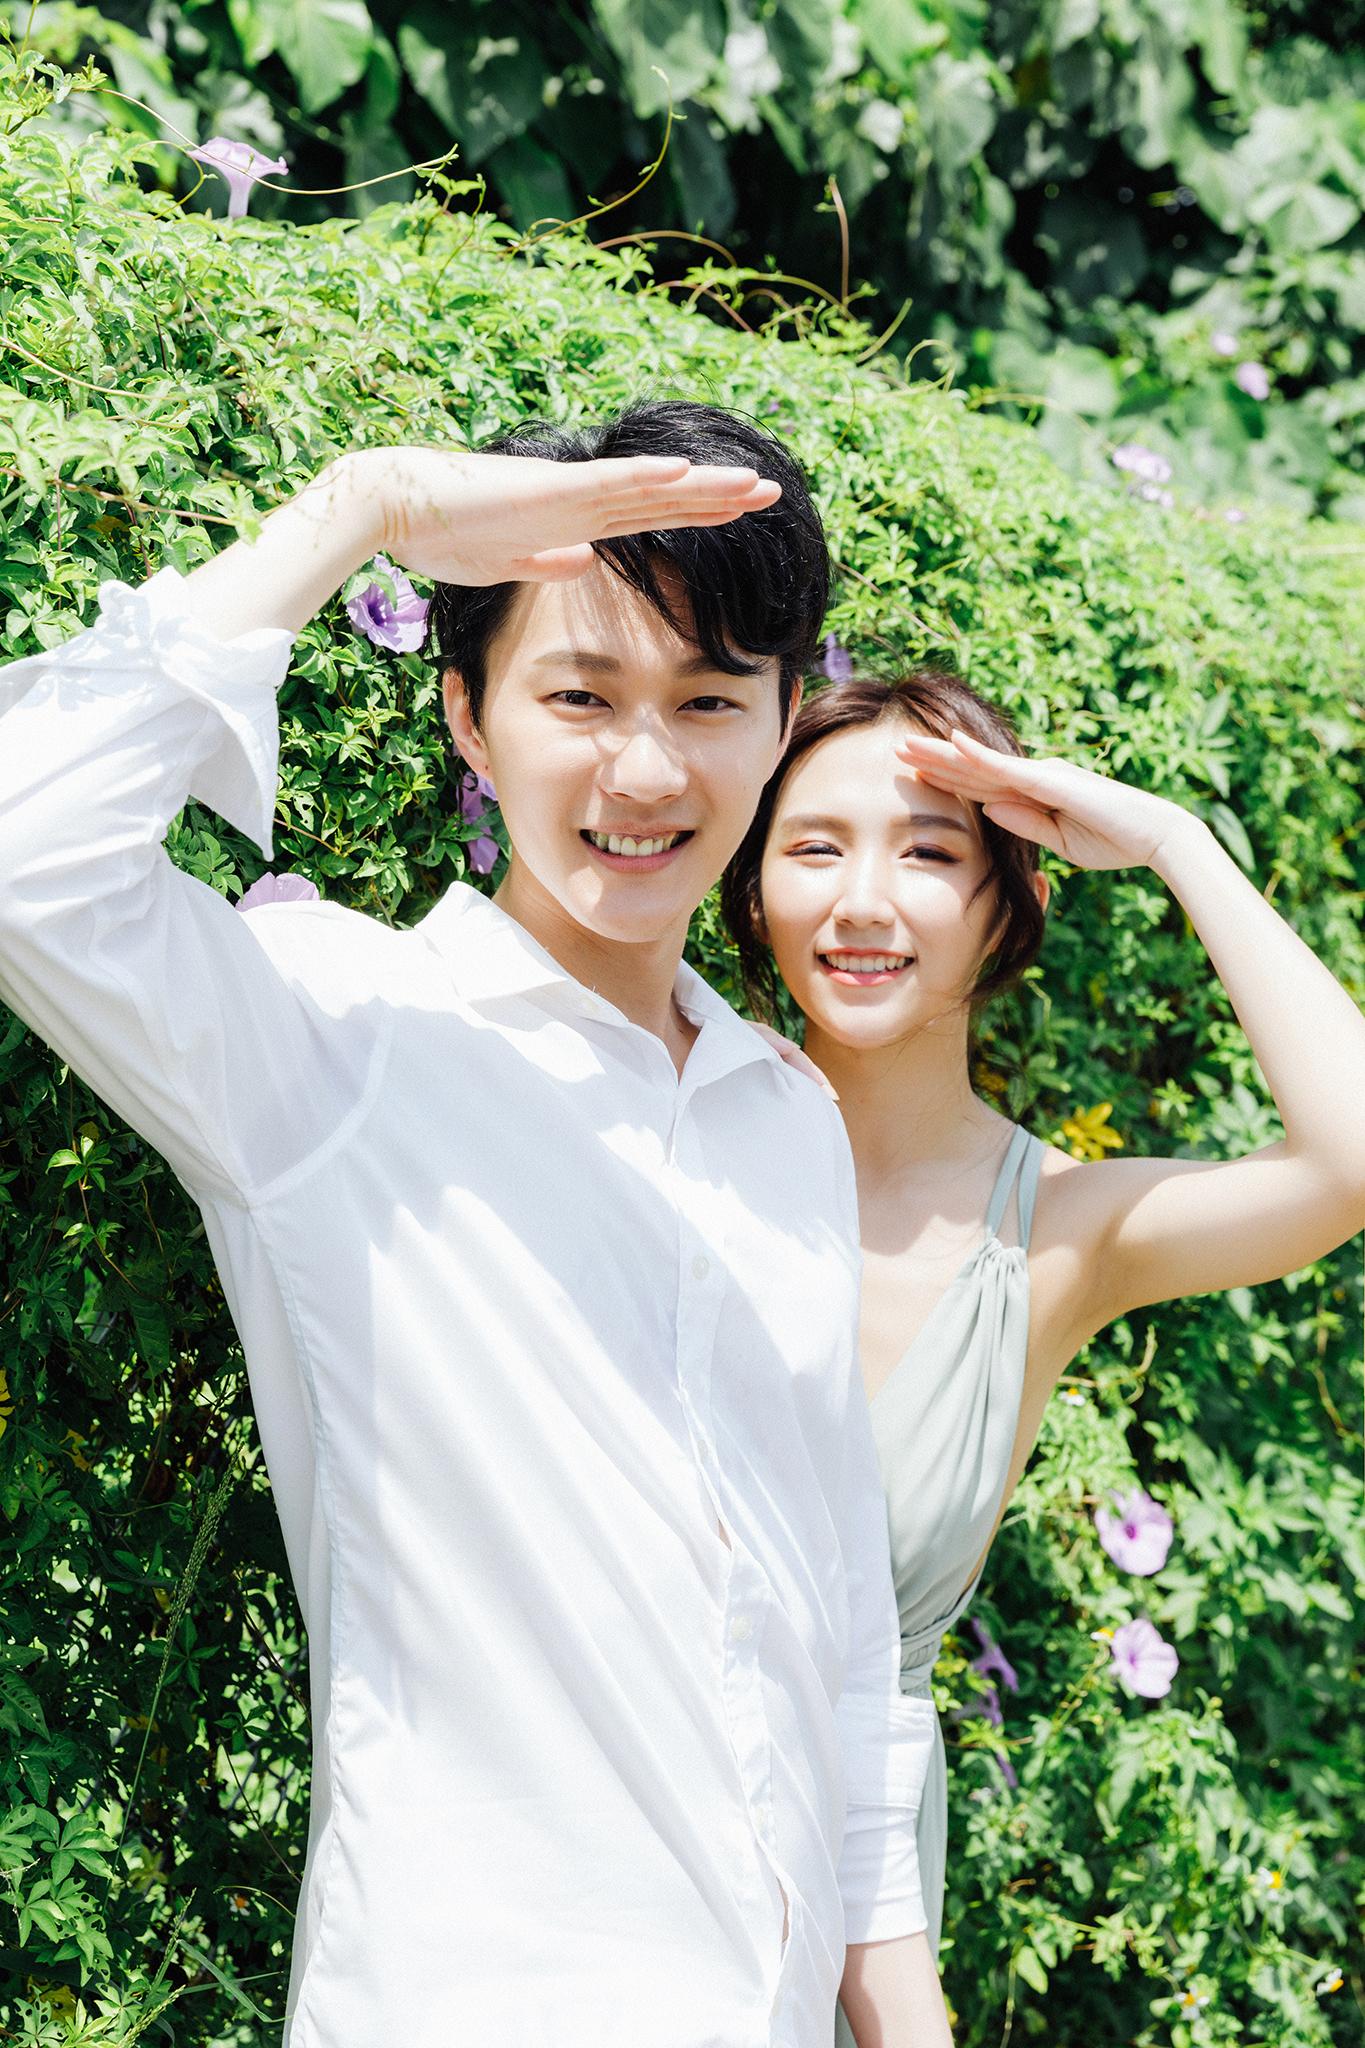 48592189316 b5bf58e0ae o - 【自主婚紗】+Ying&Wiwi+